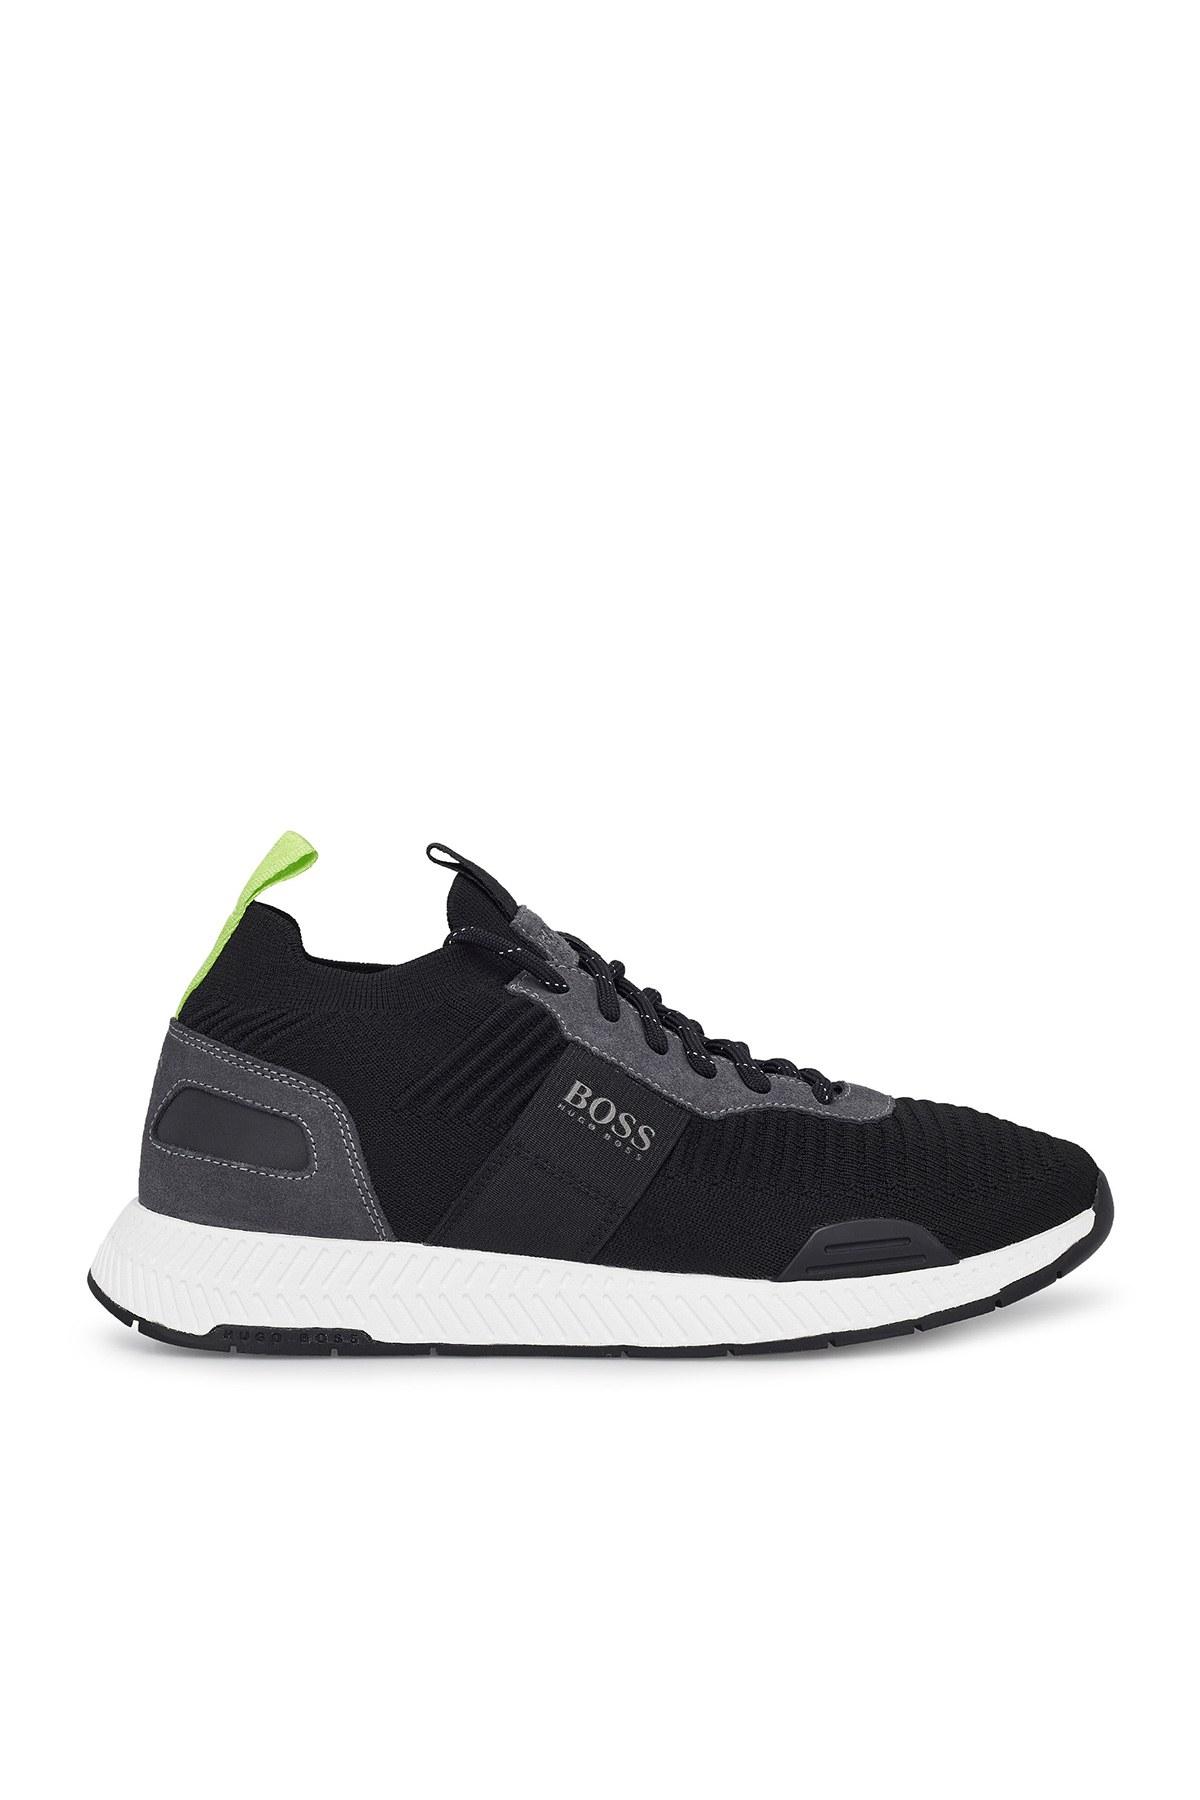 Hugo Boss Erkek Ayakkabı 50414734 005 SİYAH